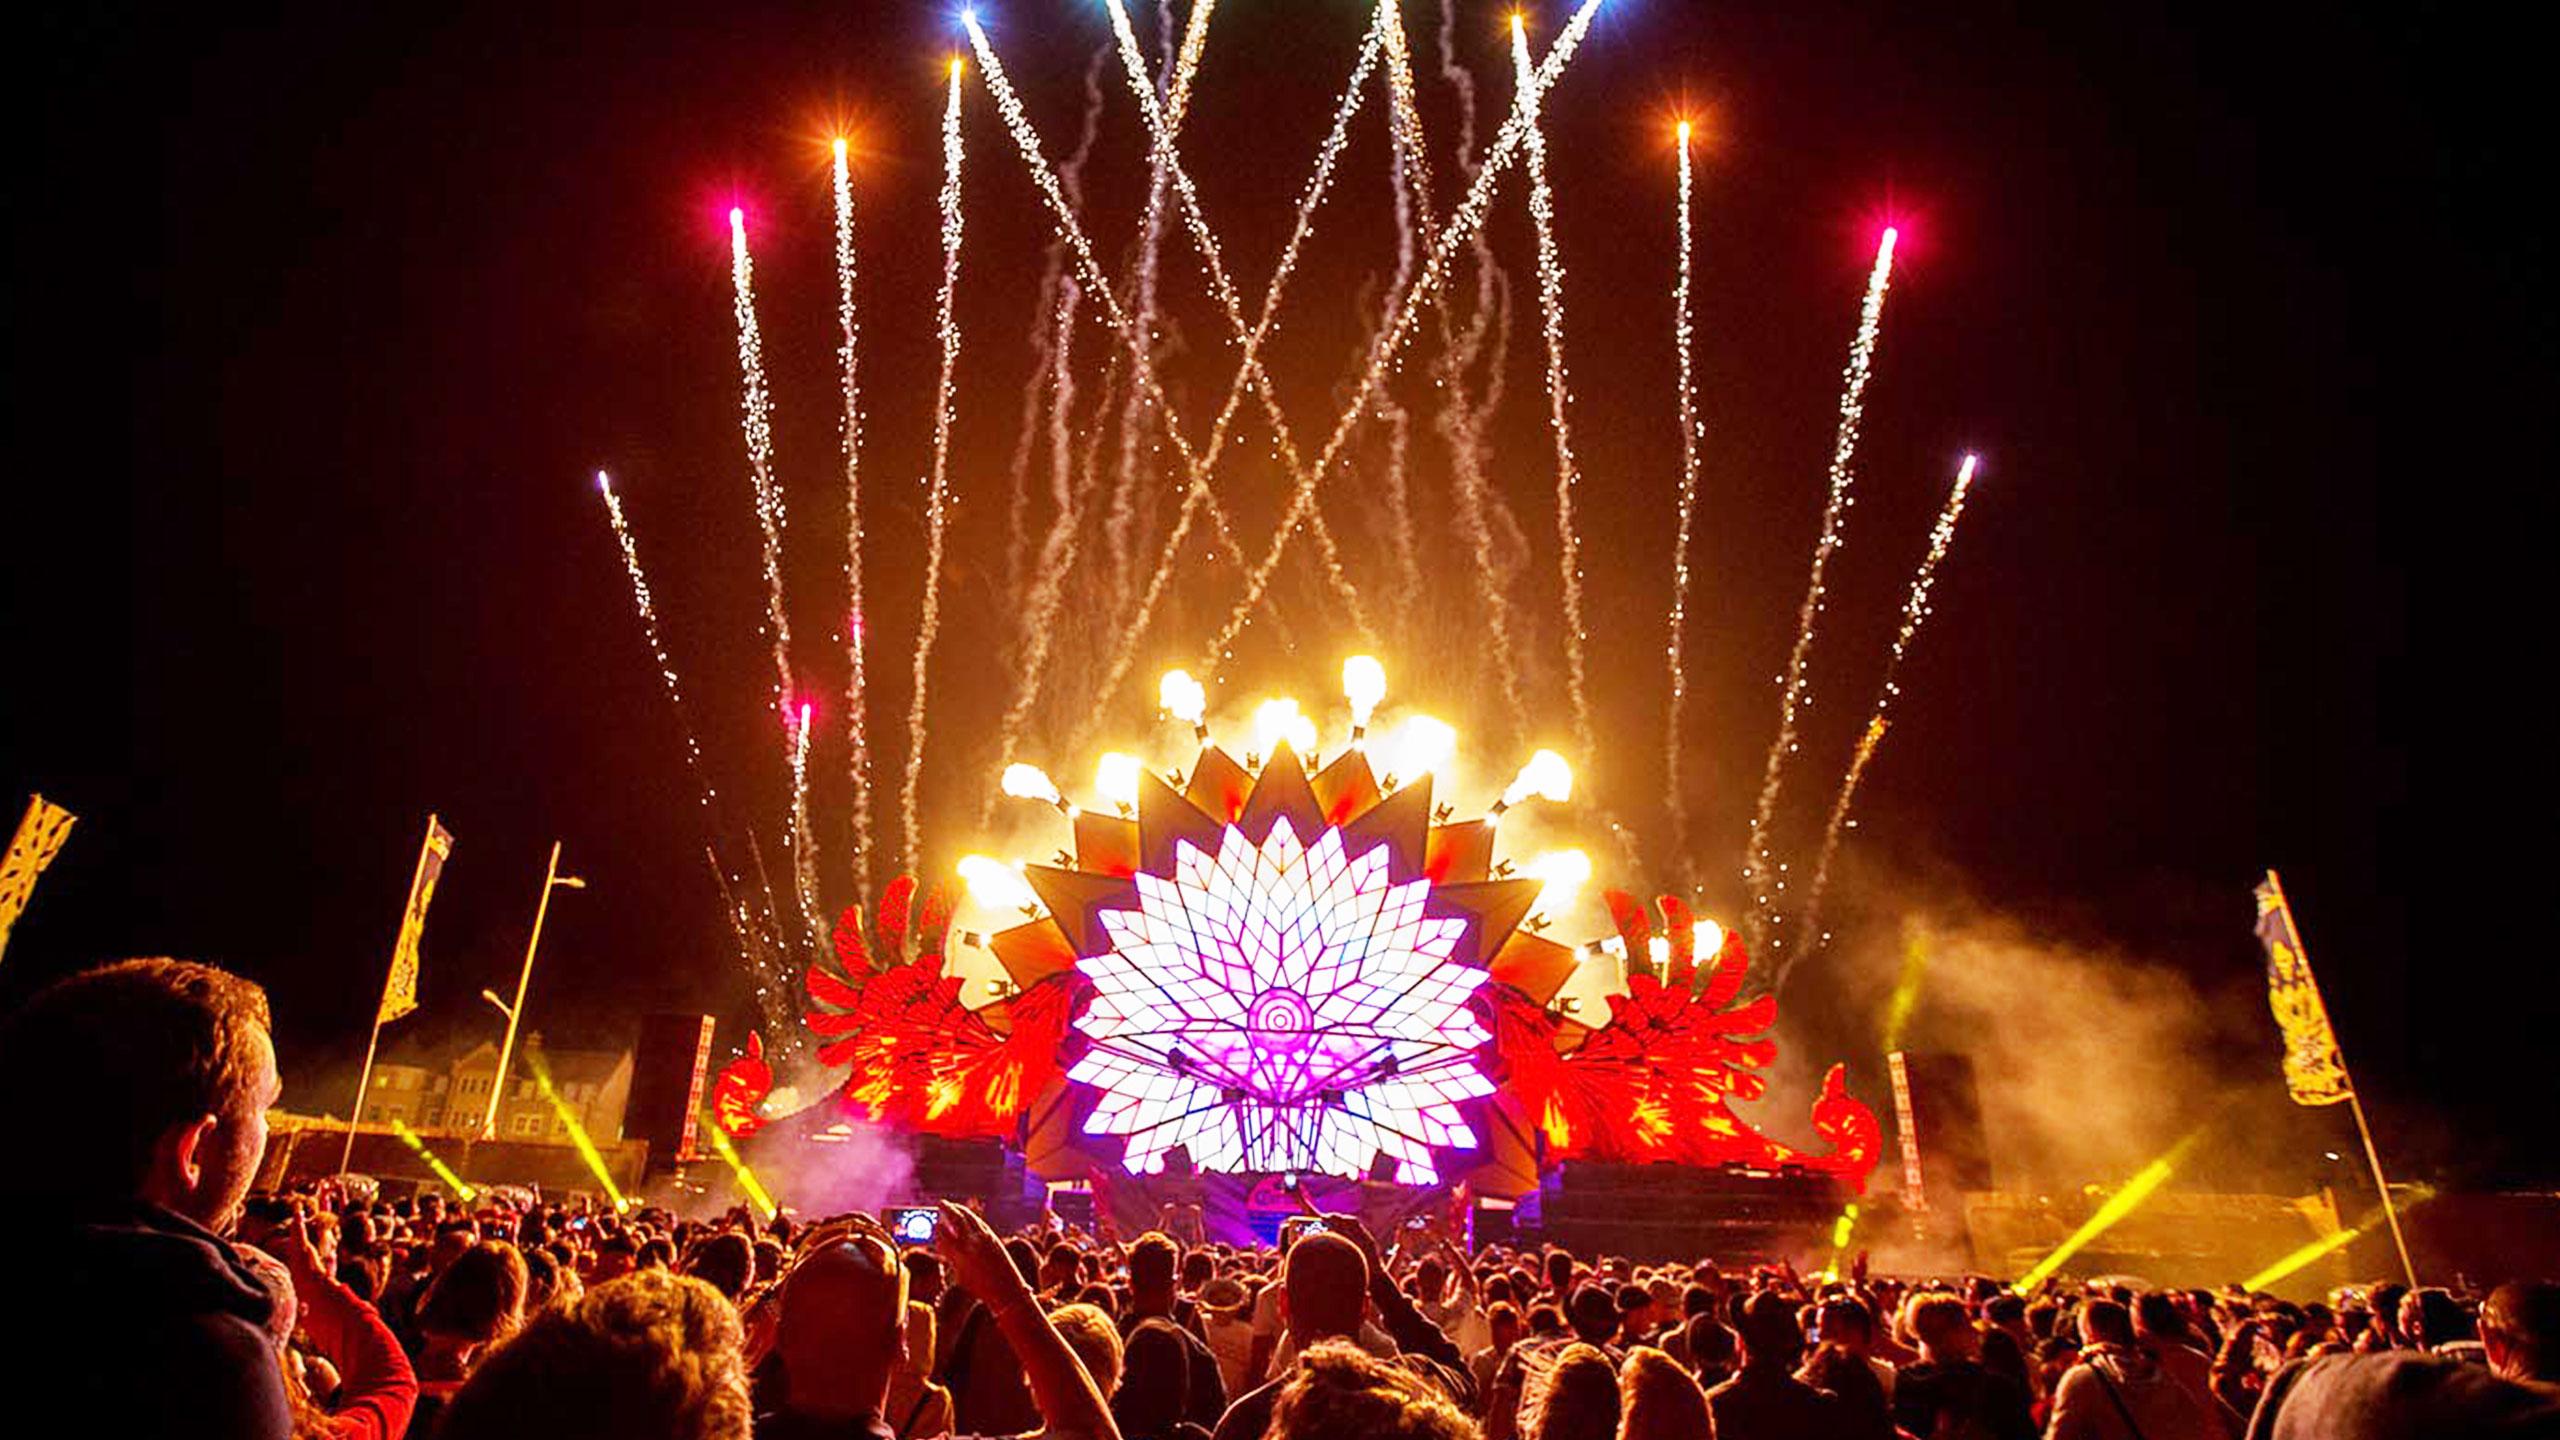 沖縄フェスカレンダー【2019-2020】音楽フェス・野外イベントまとめ